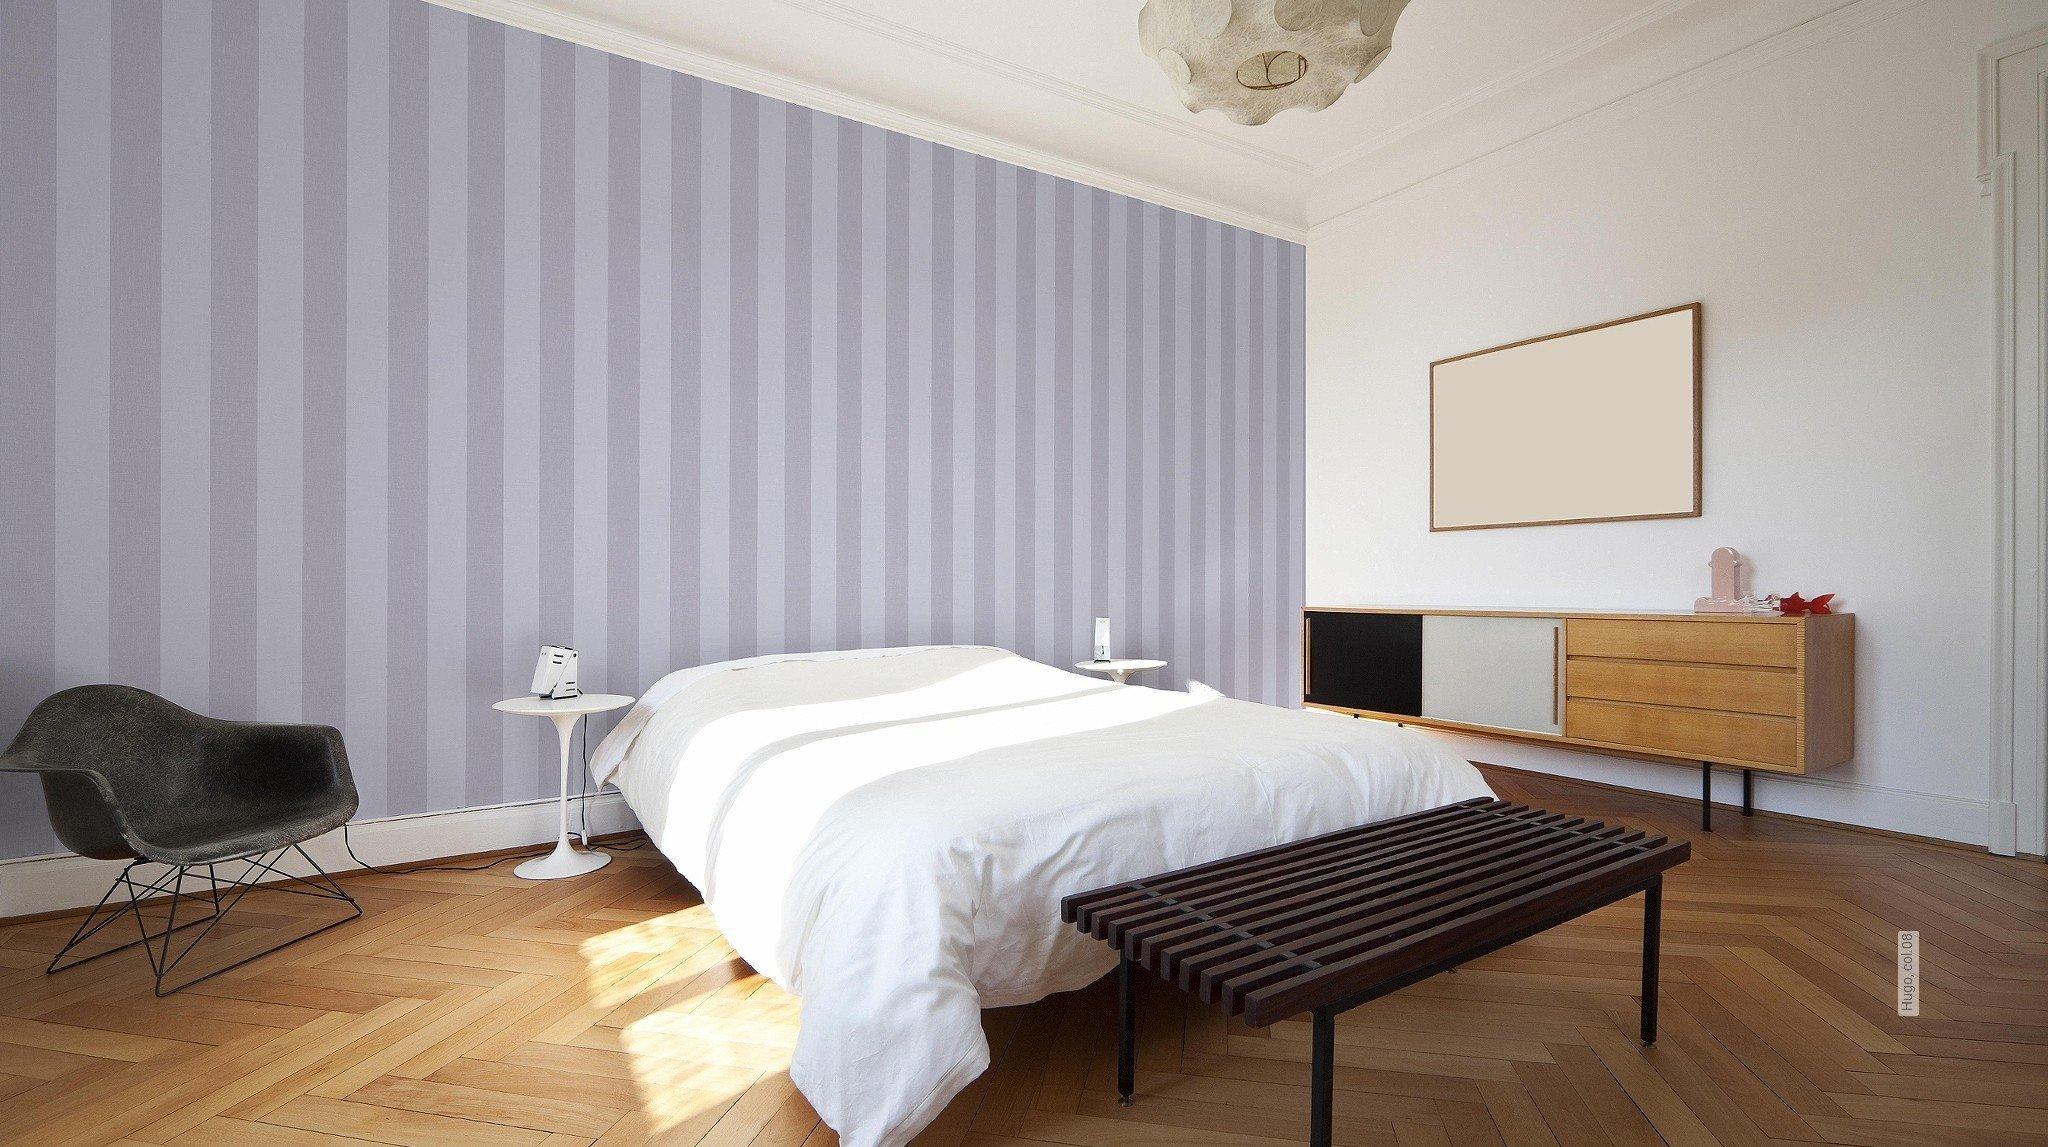 die streifentapete ein klassiker ob schmal gestreift mit extrabreiten blockstreifen quer. Black Bedroom Furniture Sets. Home Design Ideas